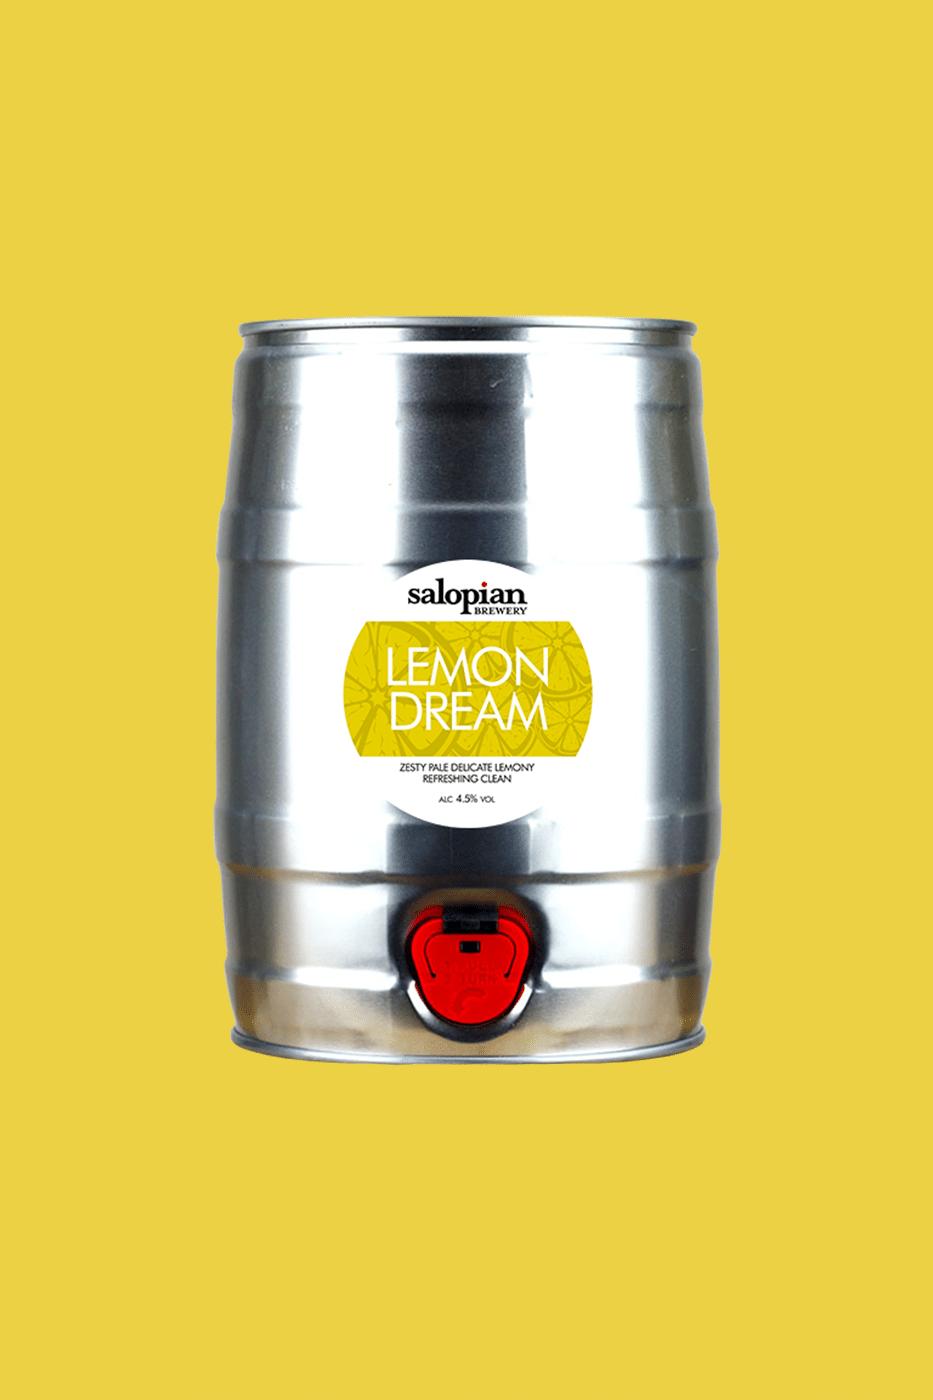 Lemon-Dream-Keg